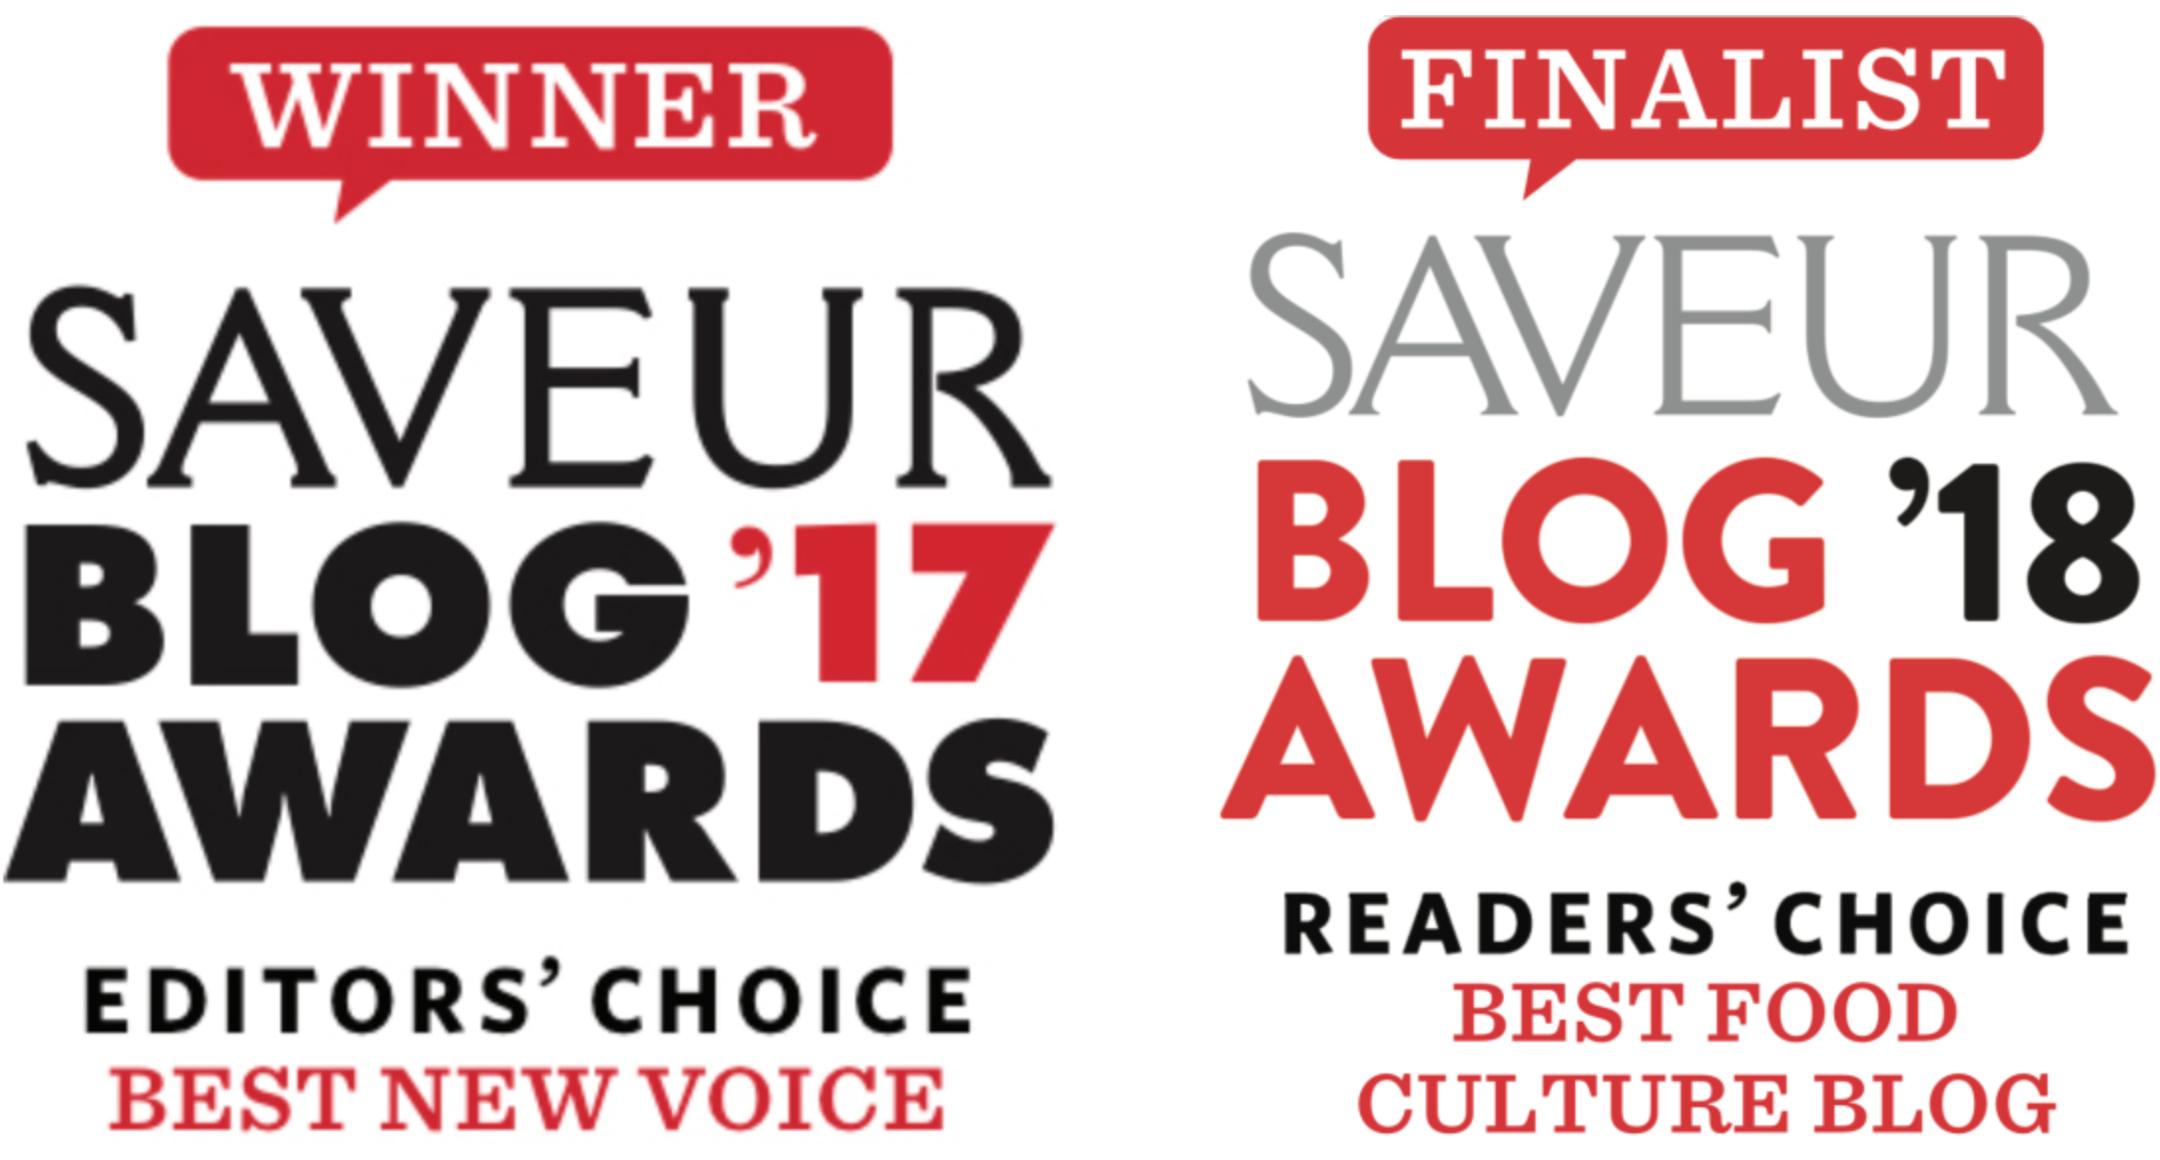 saveur awards.jpg